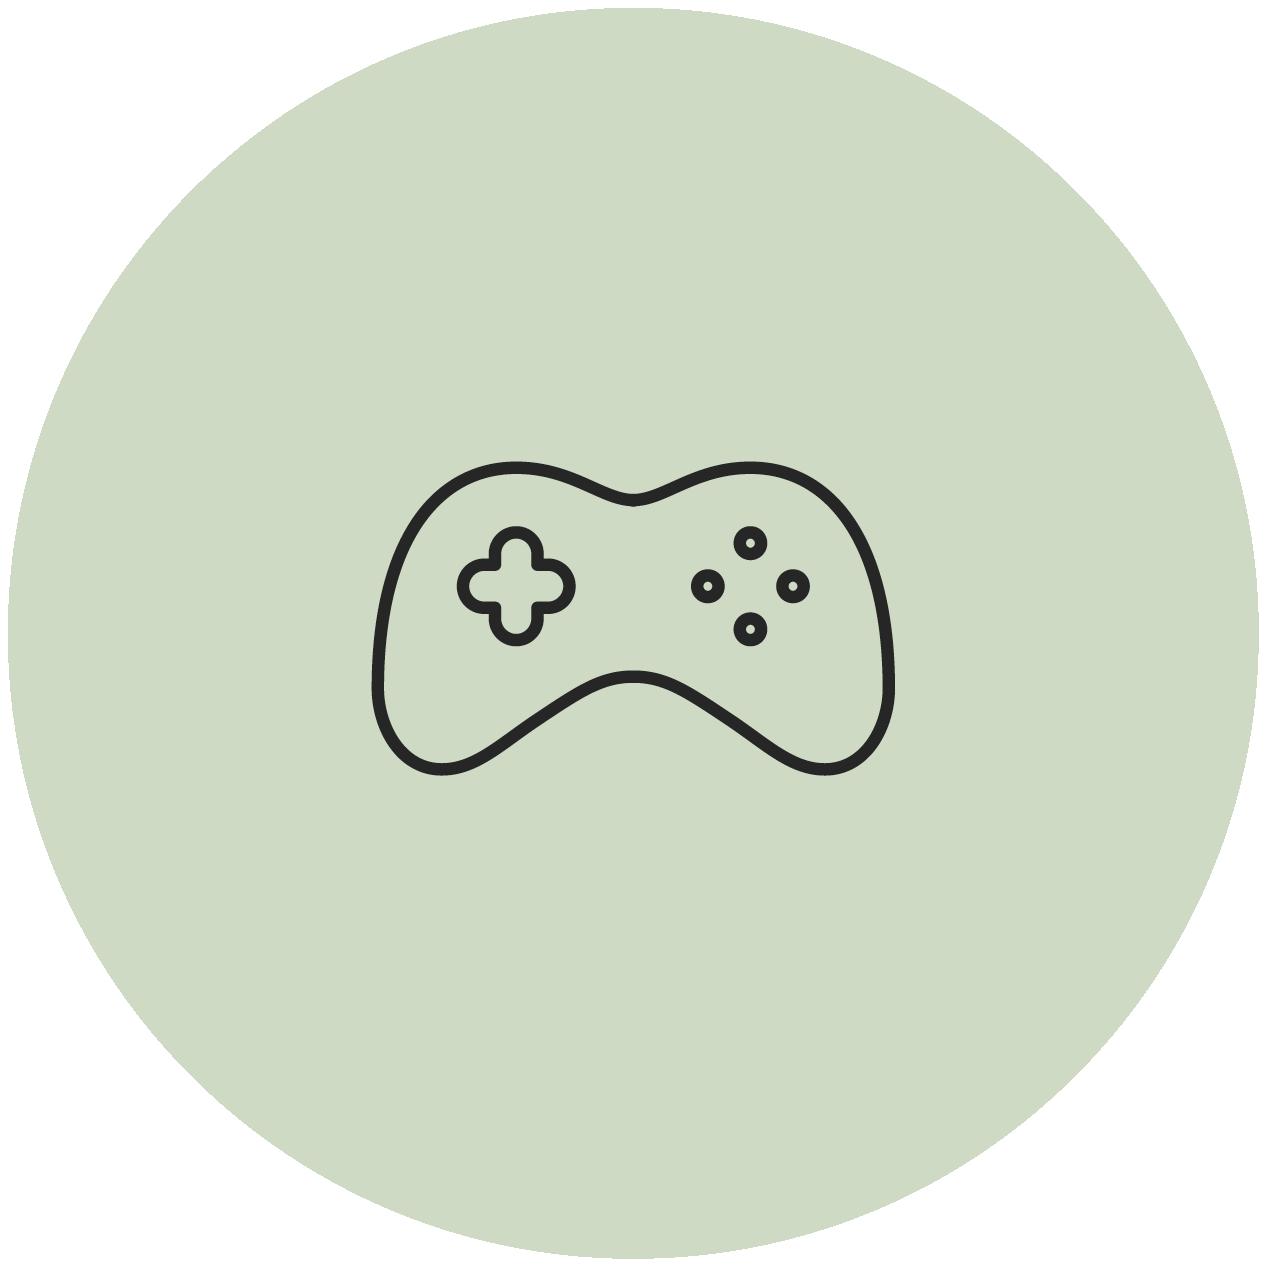 Fem grunner til at spill og gamification virker